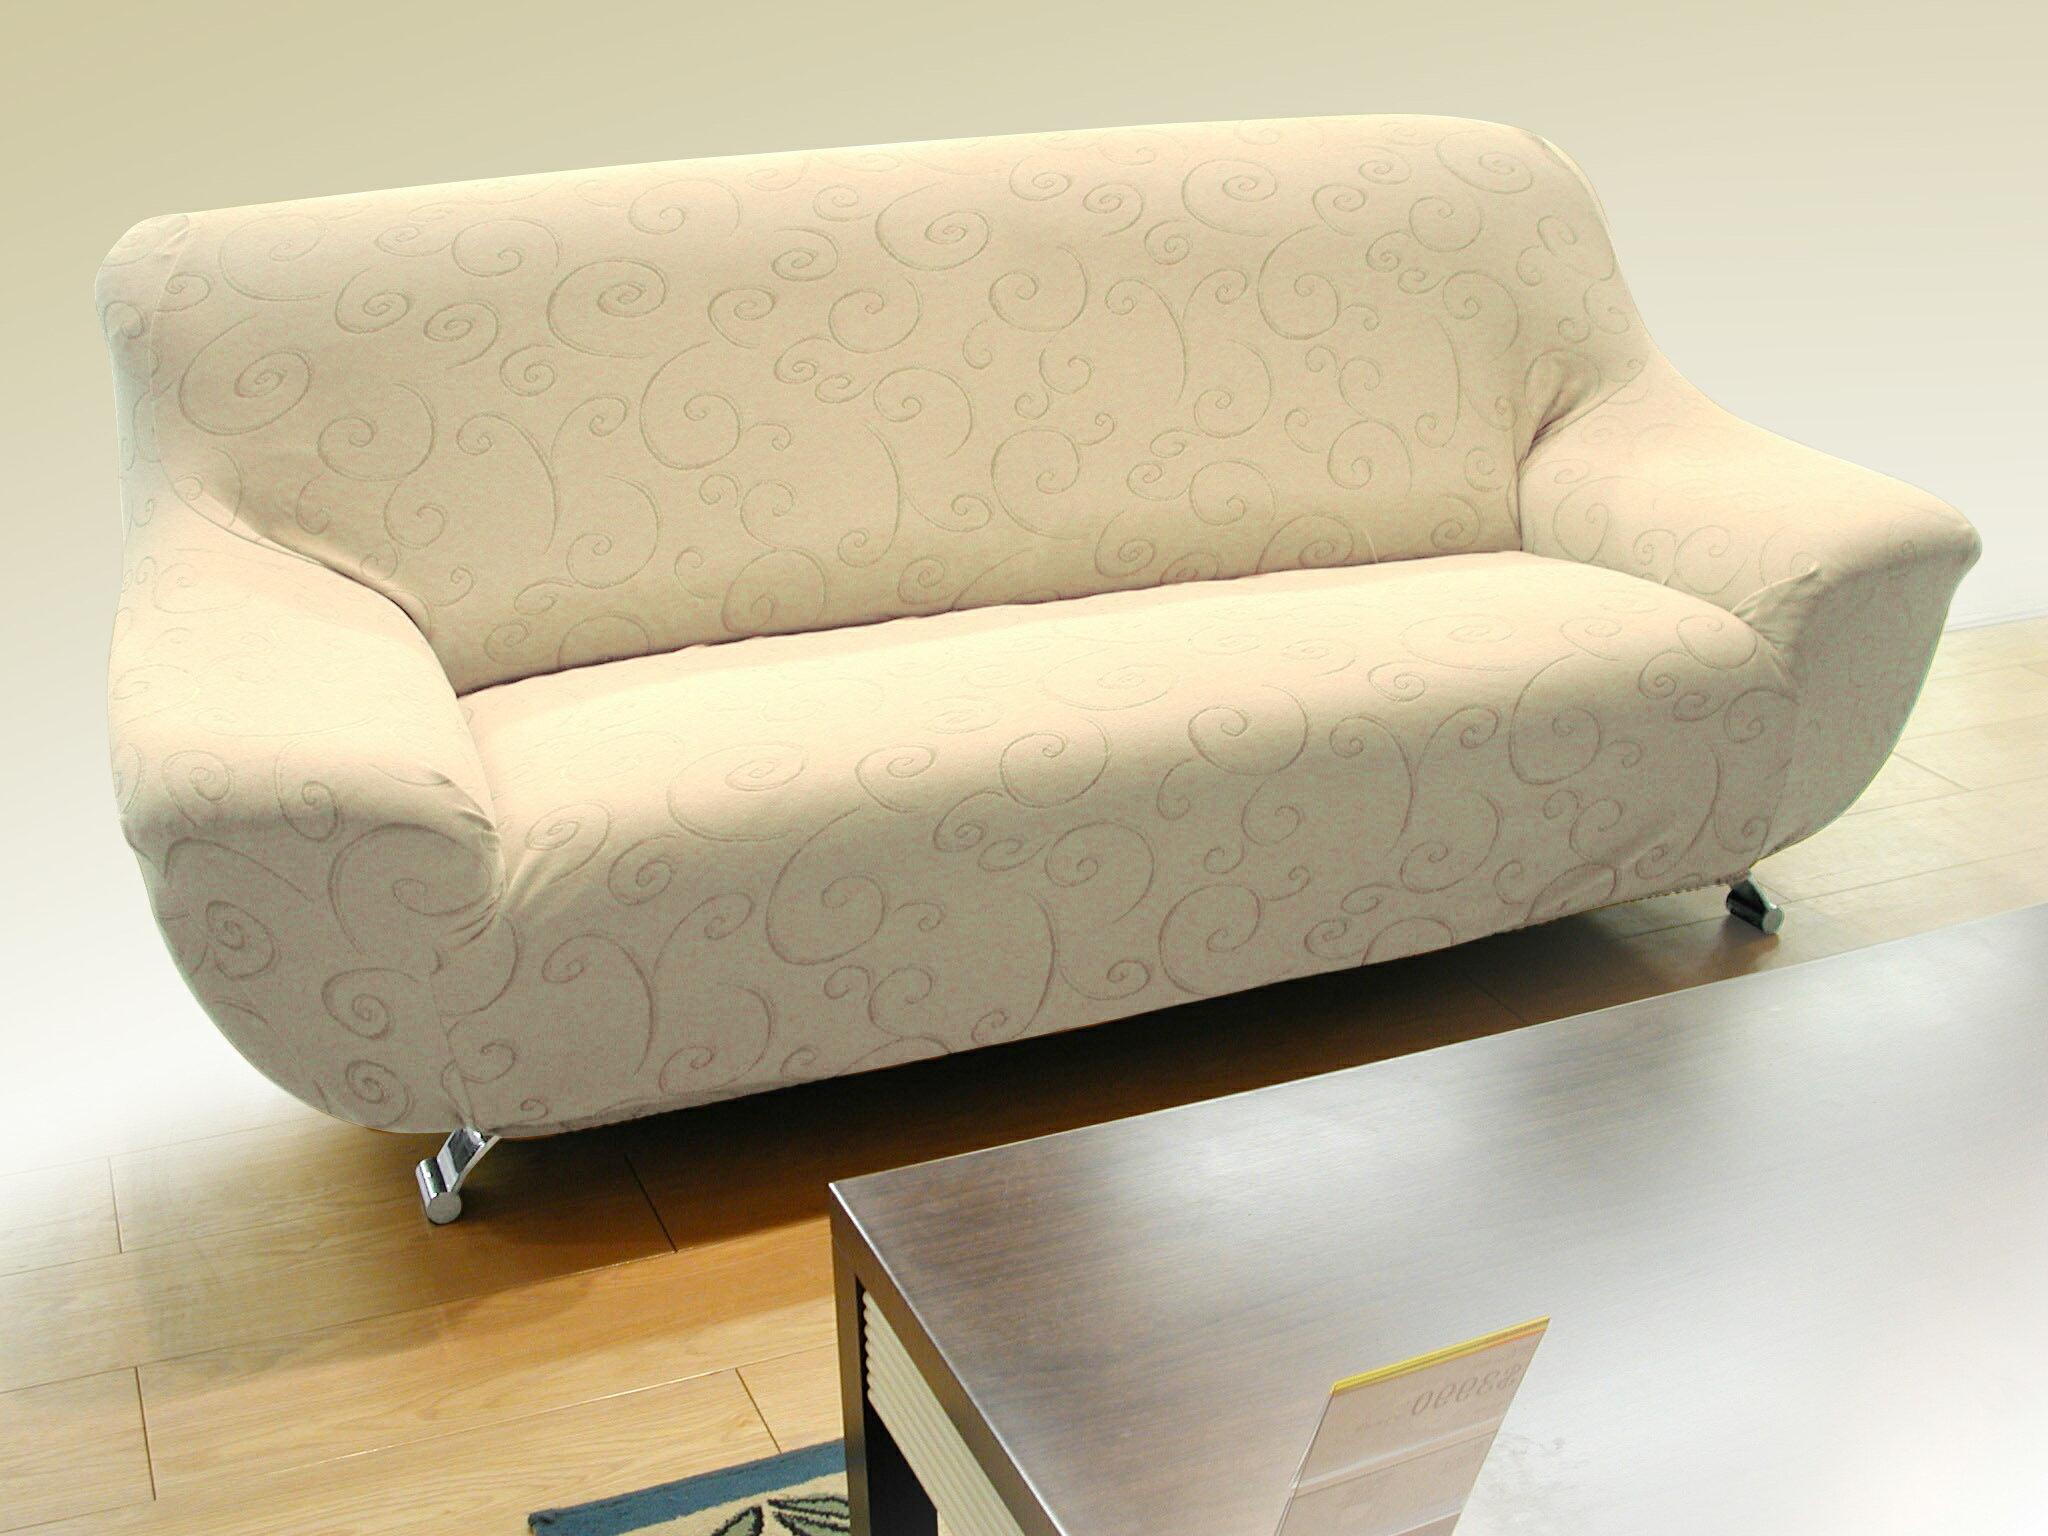 沙發罩(沙發套)/1+2+3人尺寸齊全/超細纖維彈性布/#155仿麂皮緹花勾花